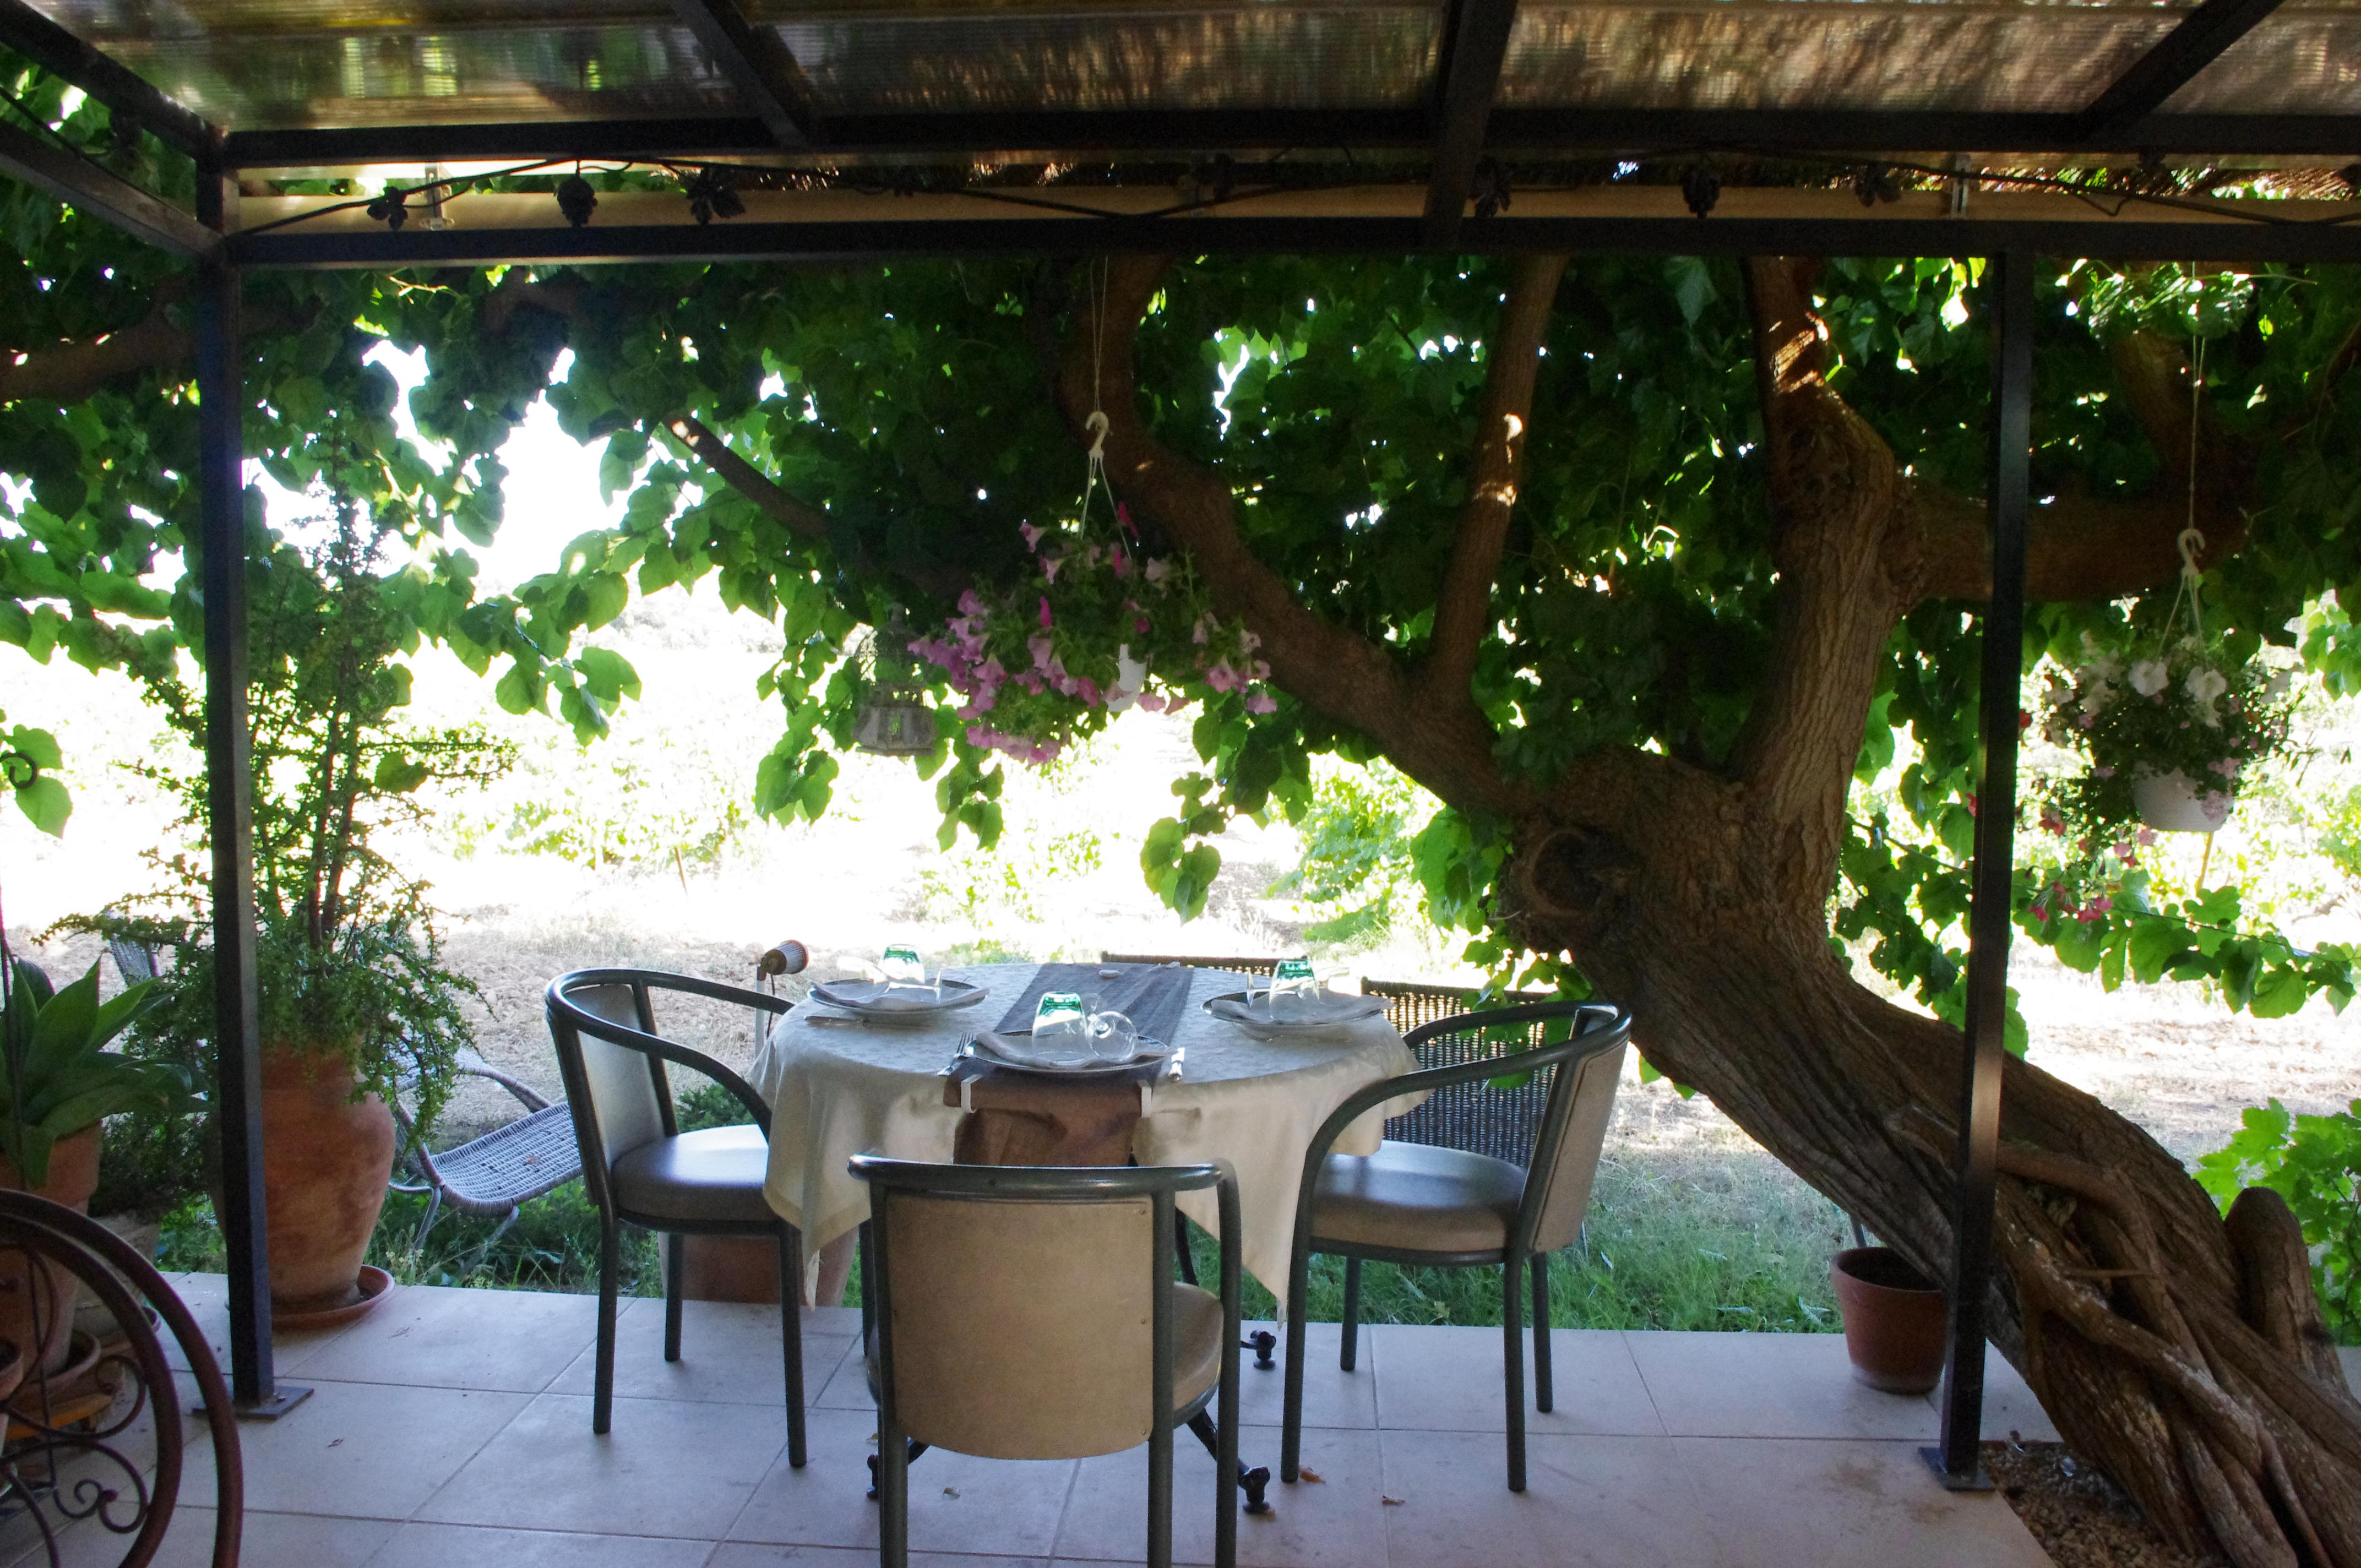 restaurant fran§ais Le Clos des Vignes Cotignac